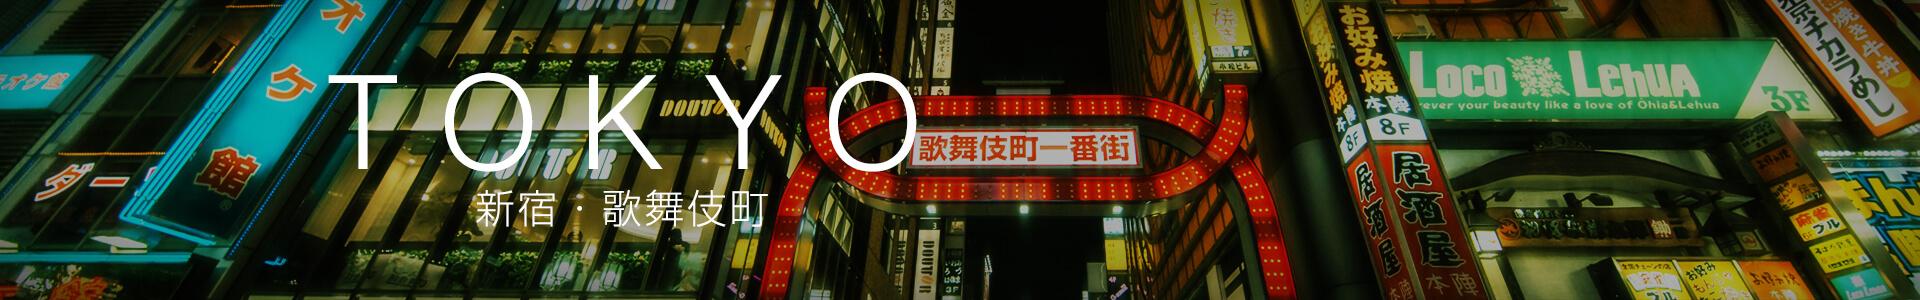 新宿・歌舞伎町